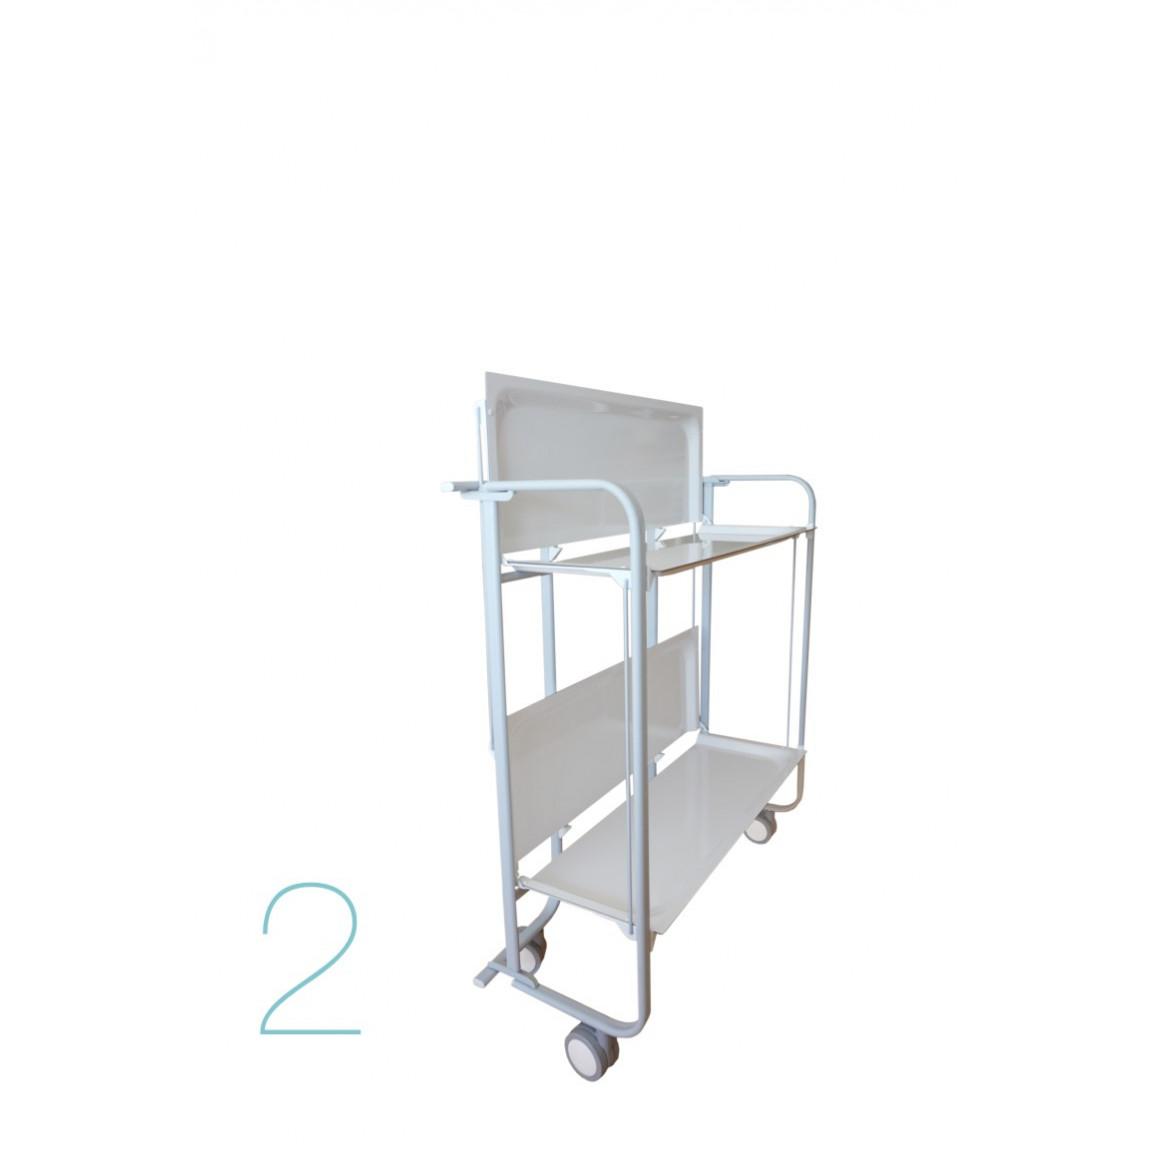 Zusammenklappbarer 2-stöckiger Servierwagen | Grün-Weiß